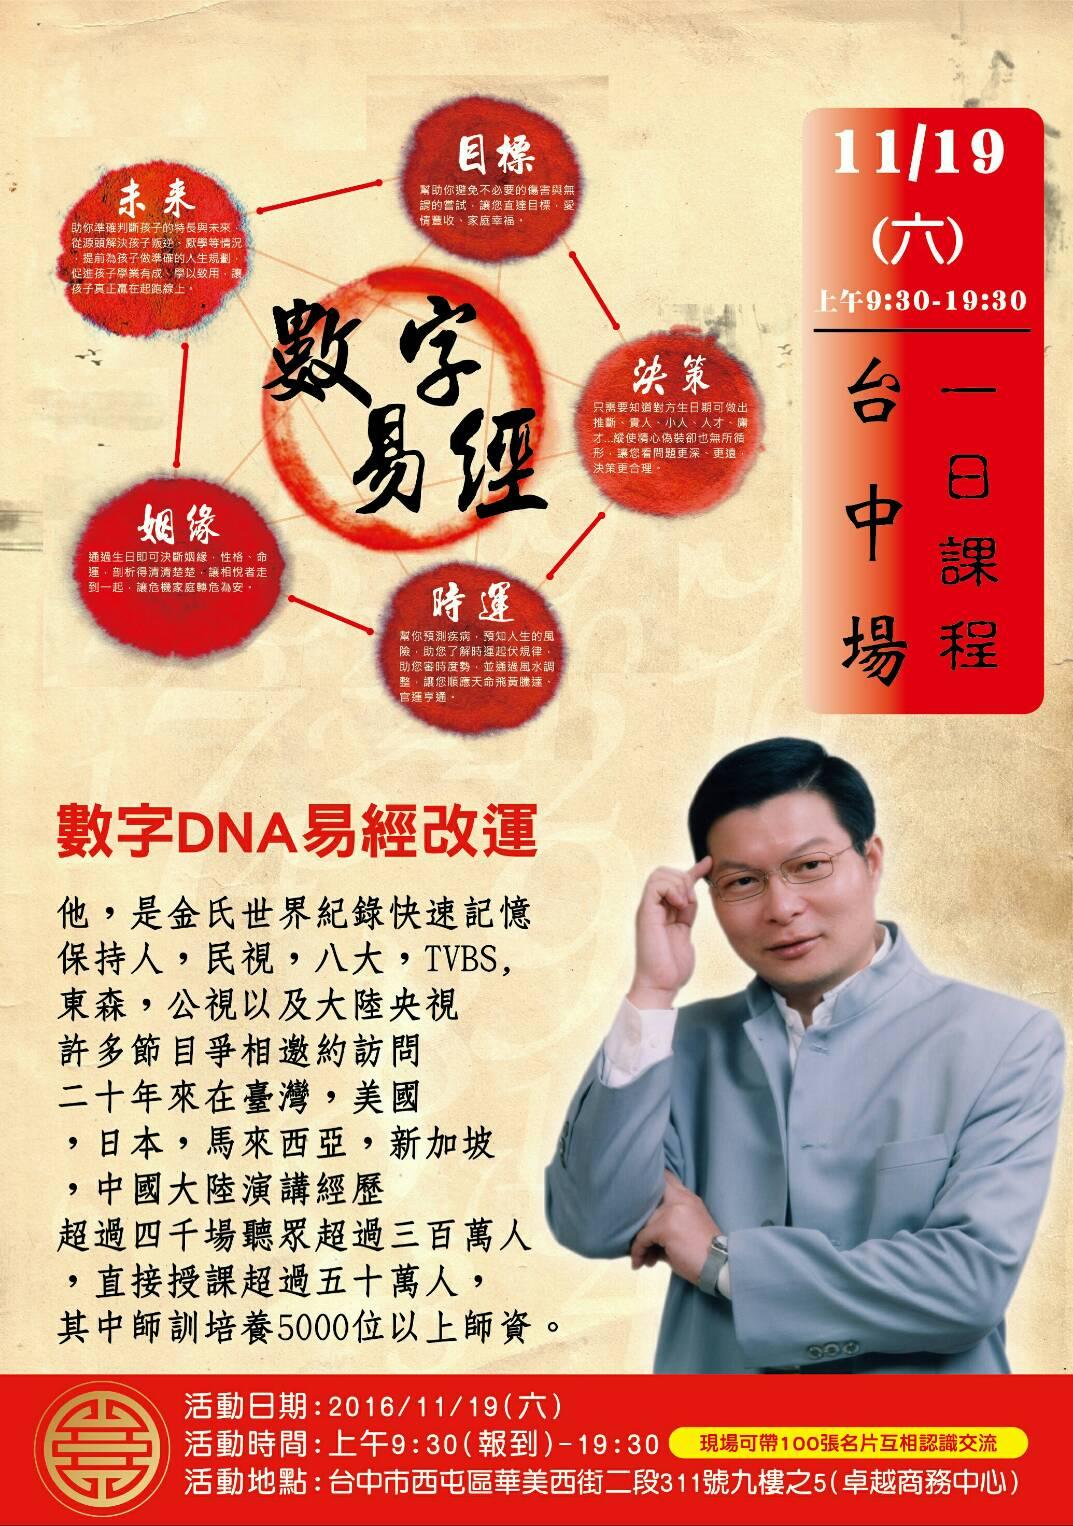 卓越財商學院: 張耀宗老師 數字易經DNA活動 11月臺中場